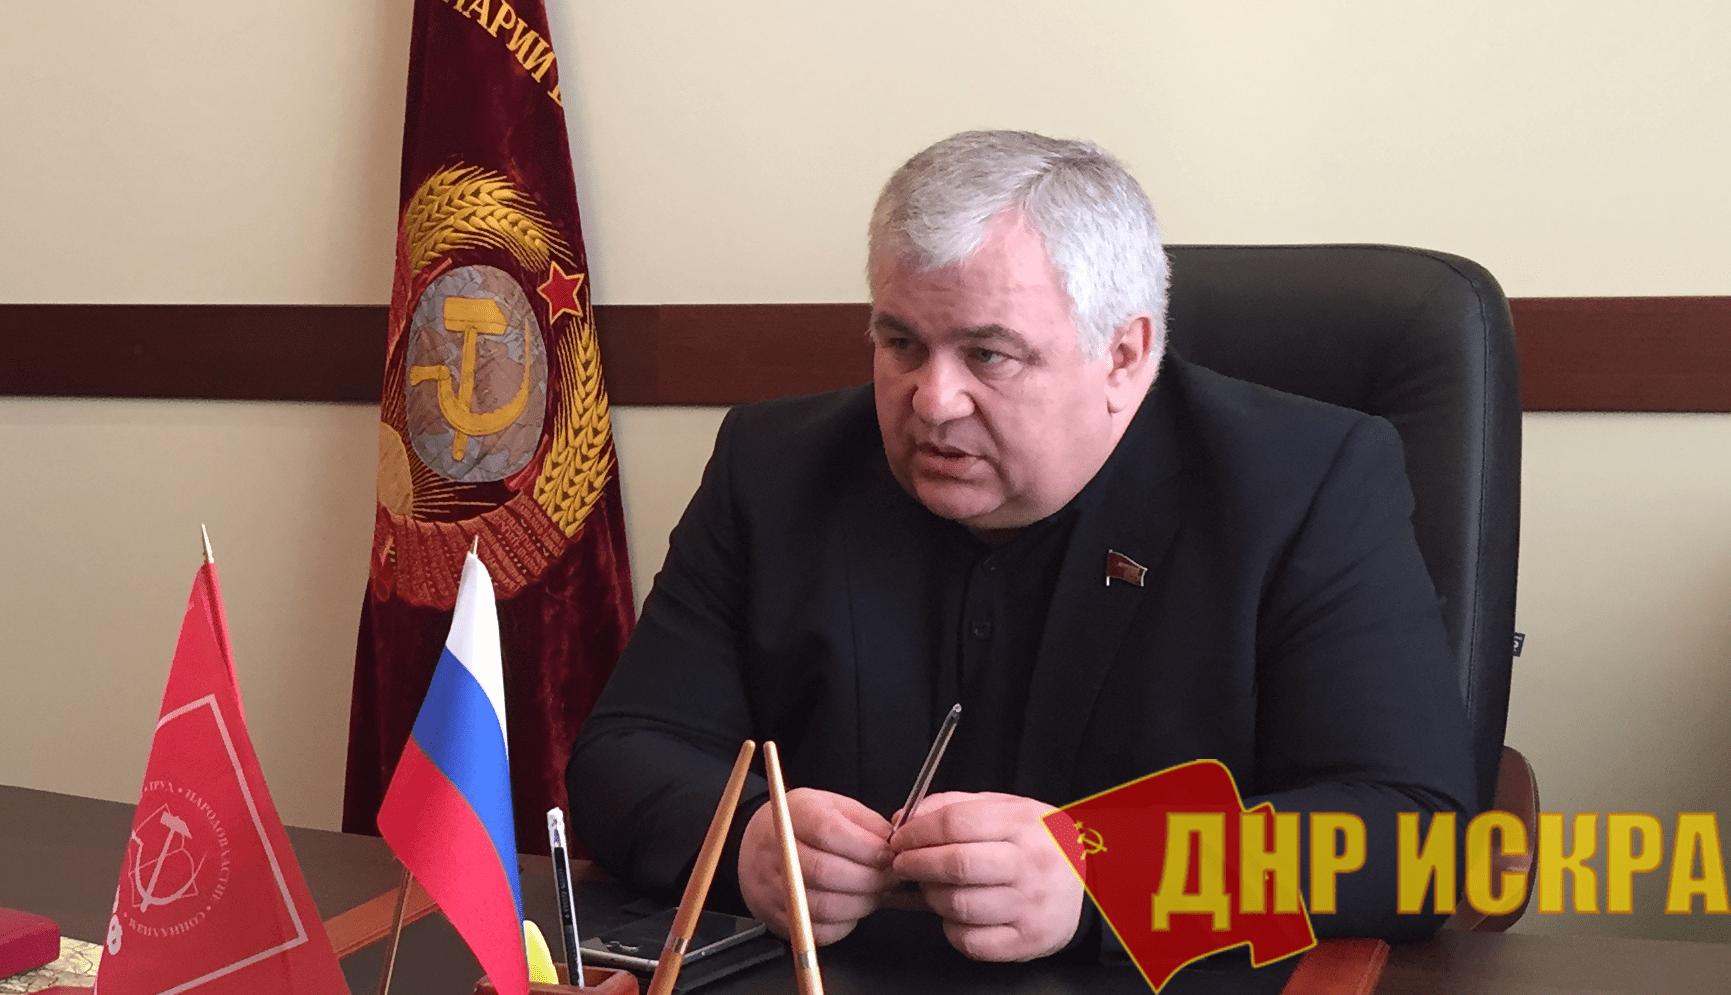 В ближайшее время КПДНР и КПЛНР войдут в качестве наблюдателей в состав СКП-КПСС — Казбек Тайсаев